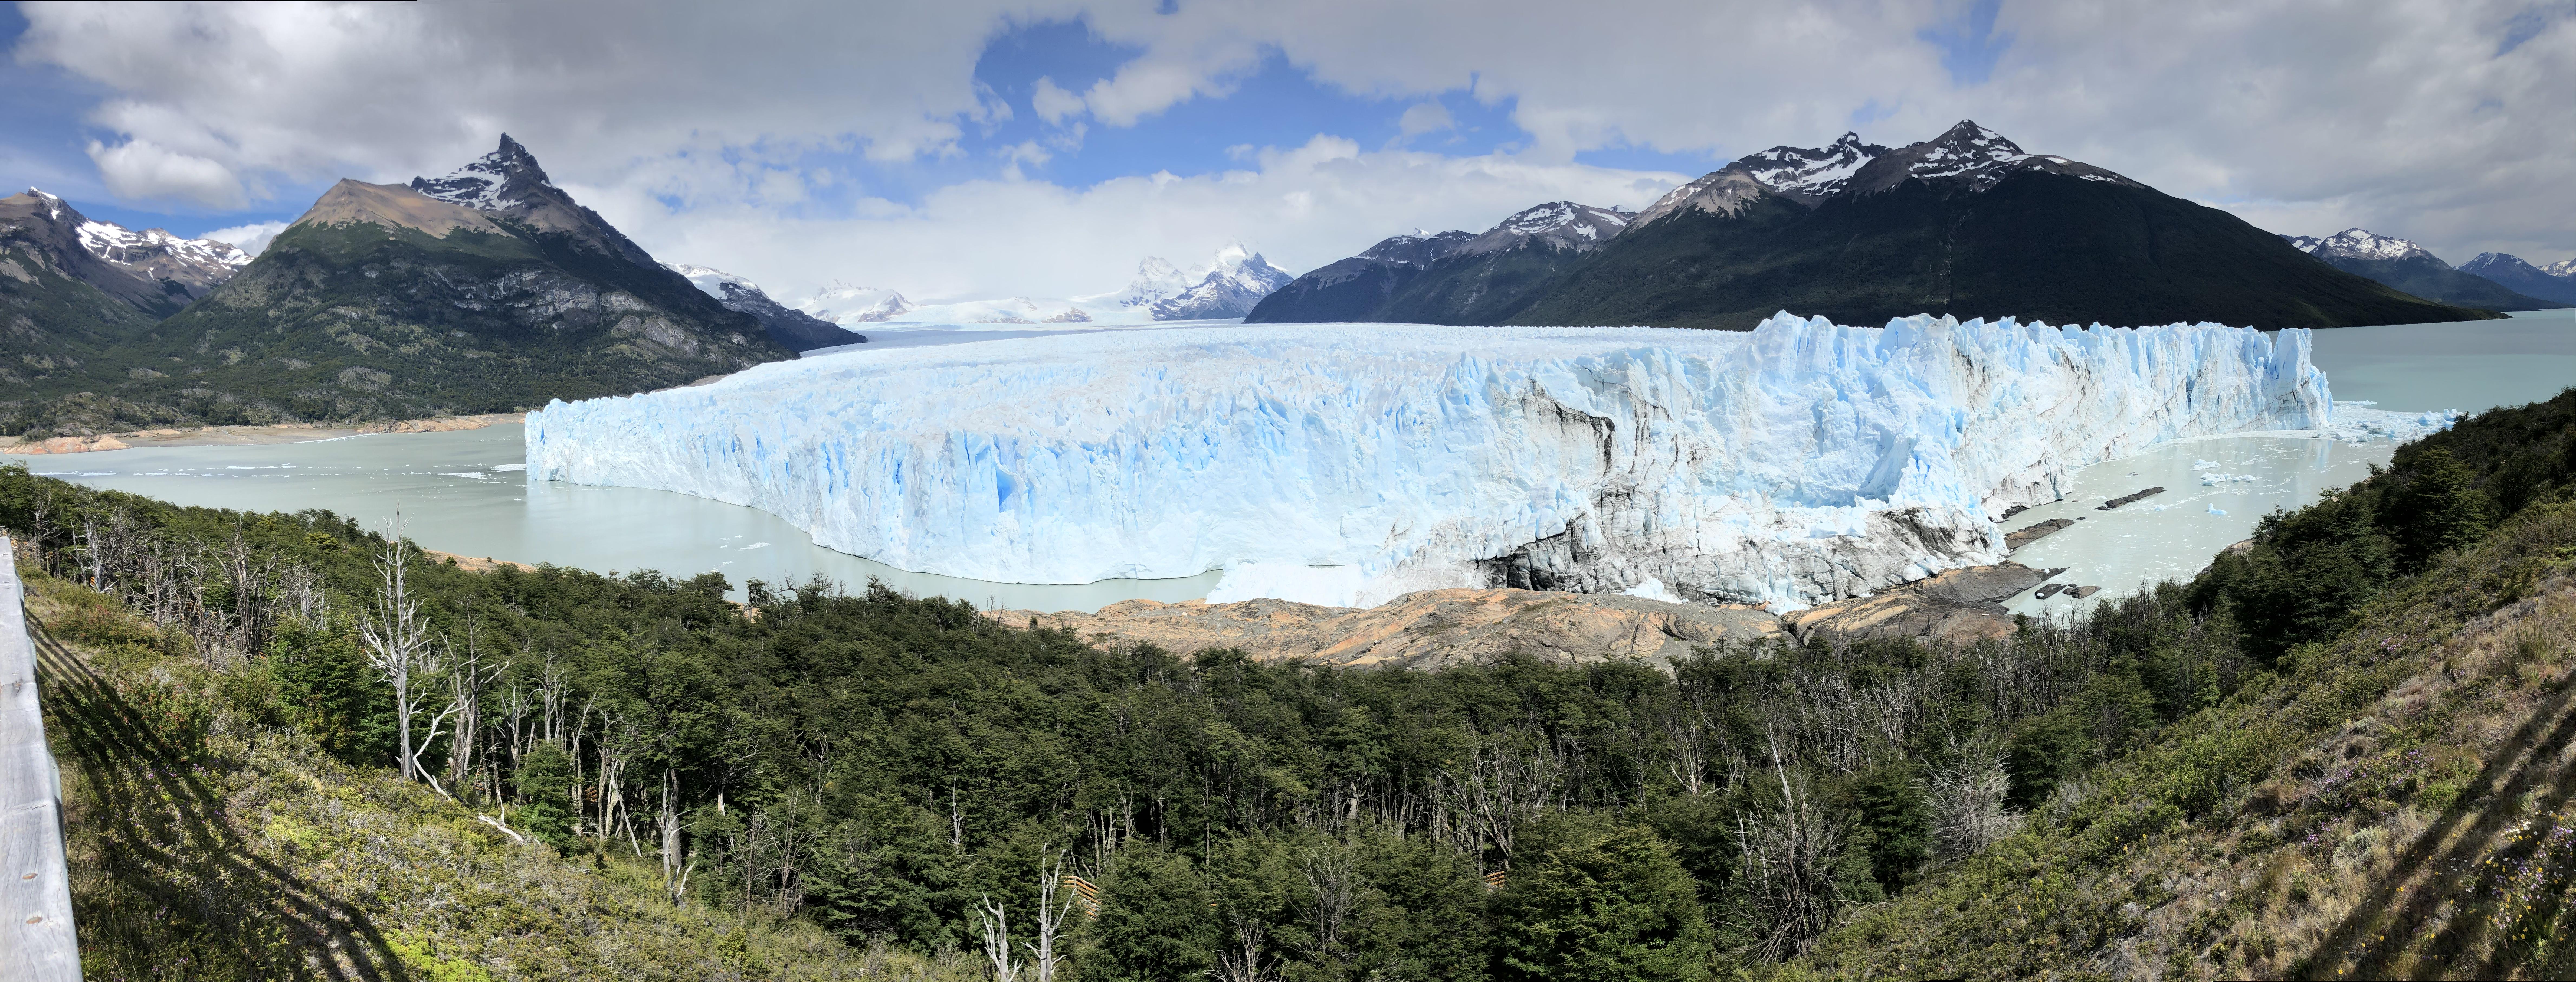 Perito Moreno, Torres del Paine, Puerto Natales